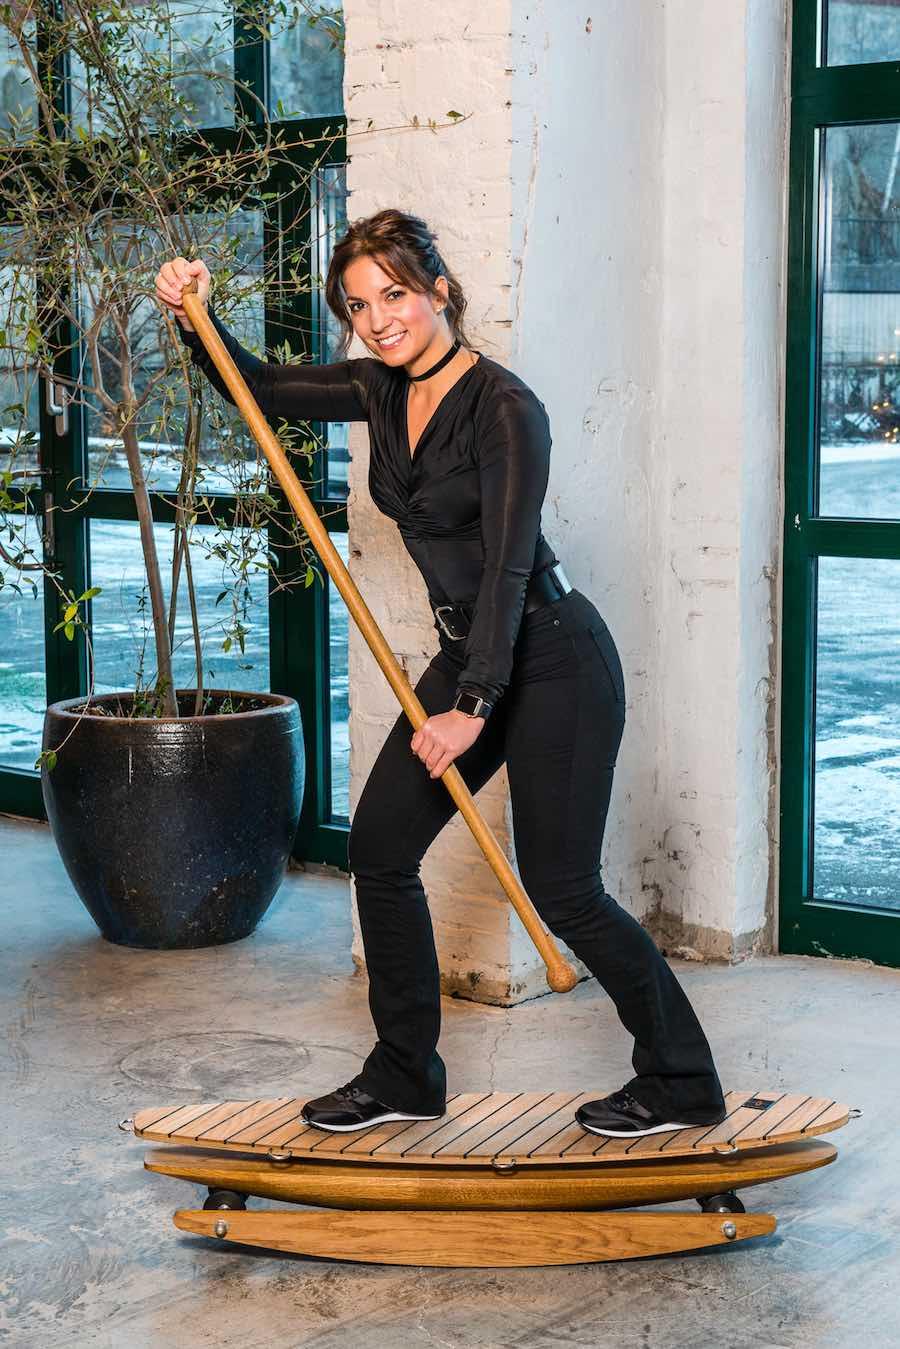 Tren balanse, koordinasjon, styrke og bevegelighet på brett fra TRABBIC training mens du jobber, trener eller slapper av hjemme! TRABBIC Elegance.